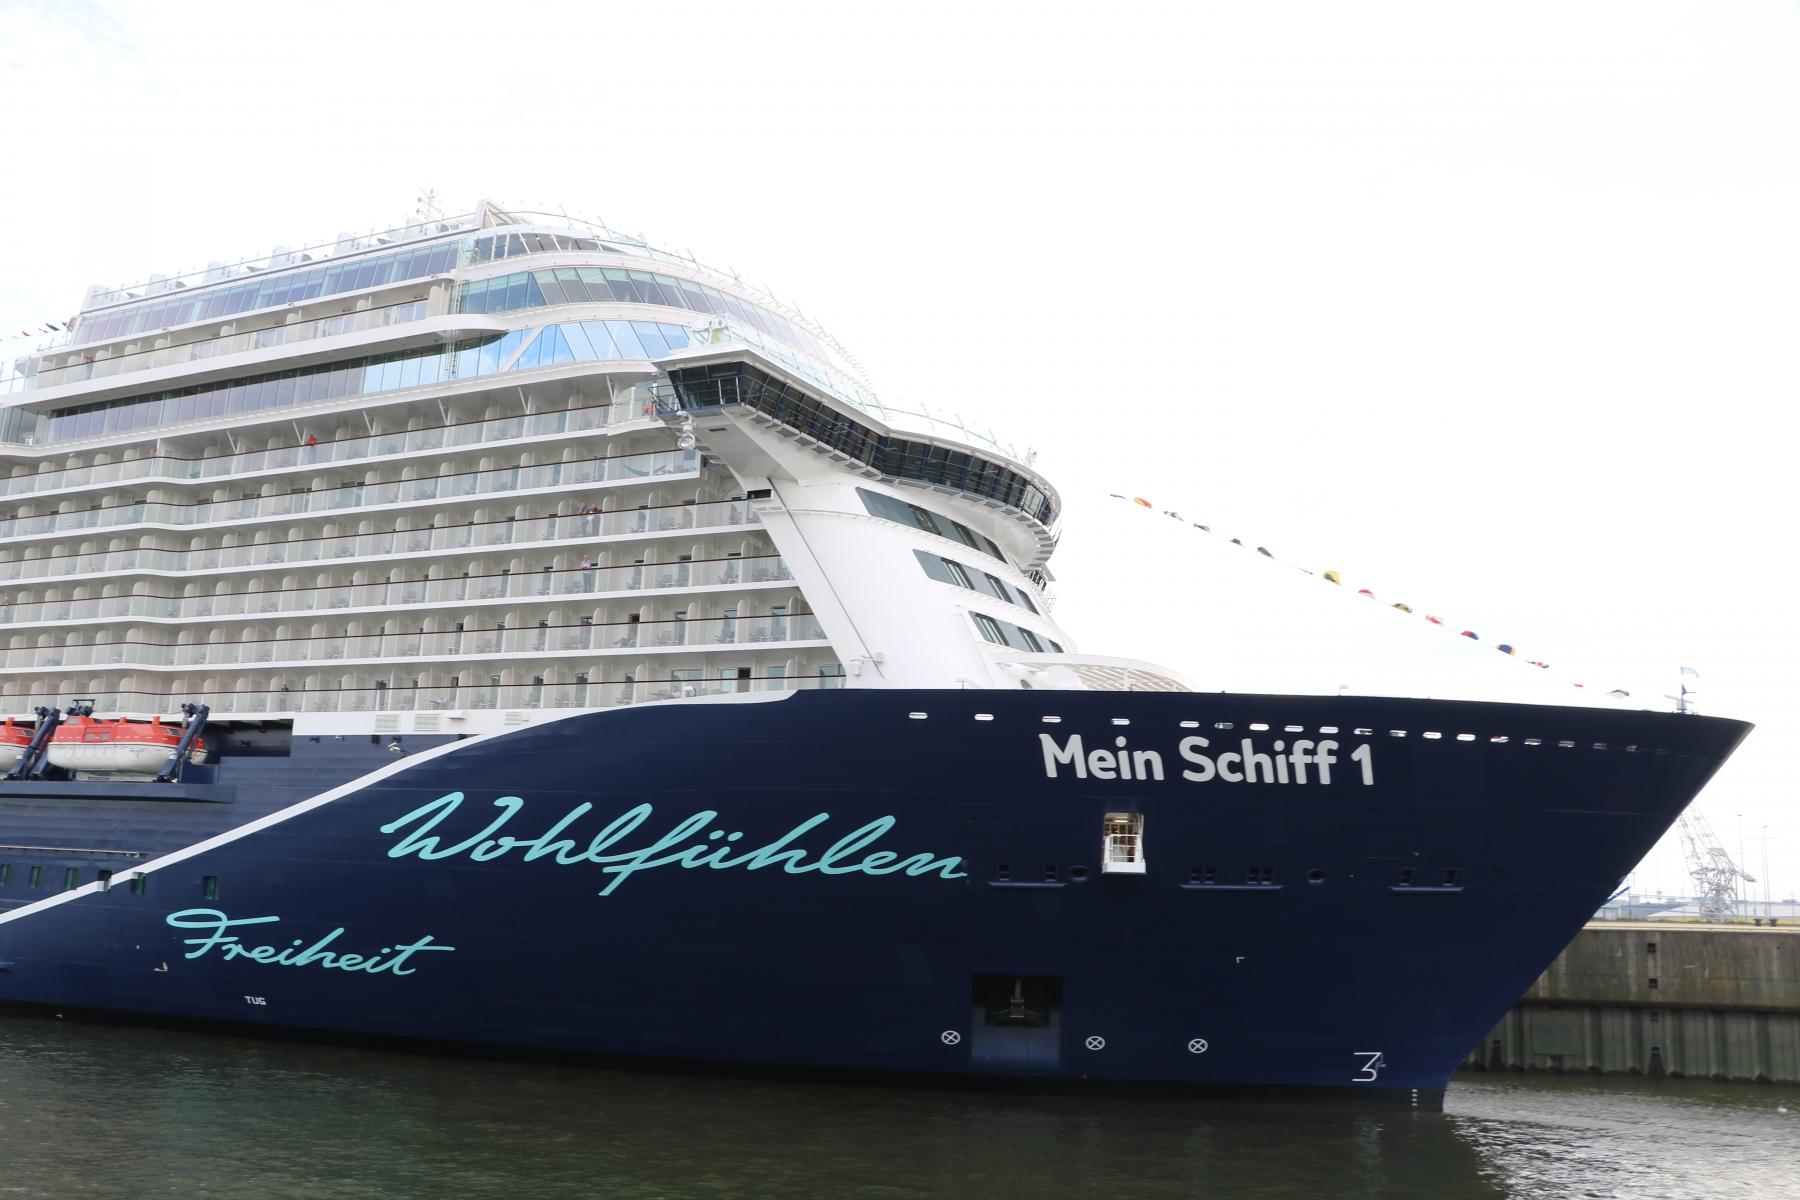 Schiffstaufe-mein-Schiff